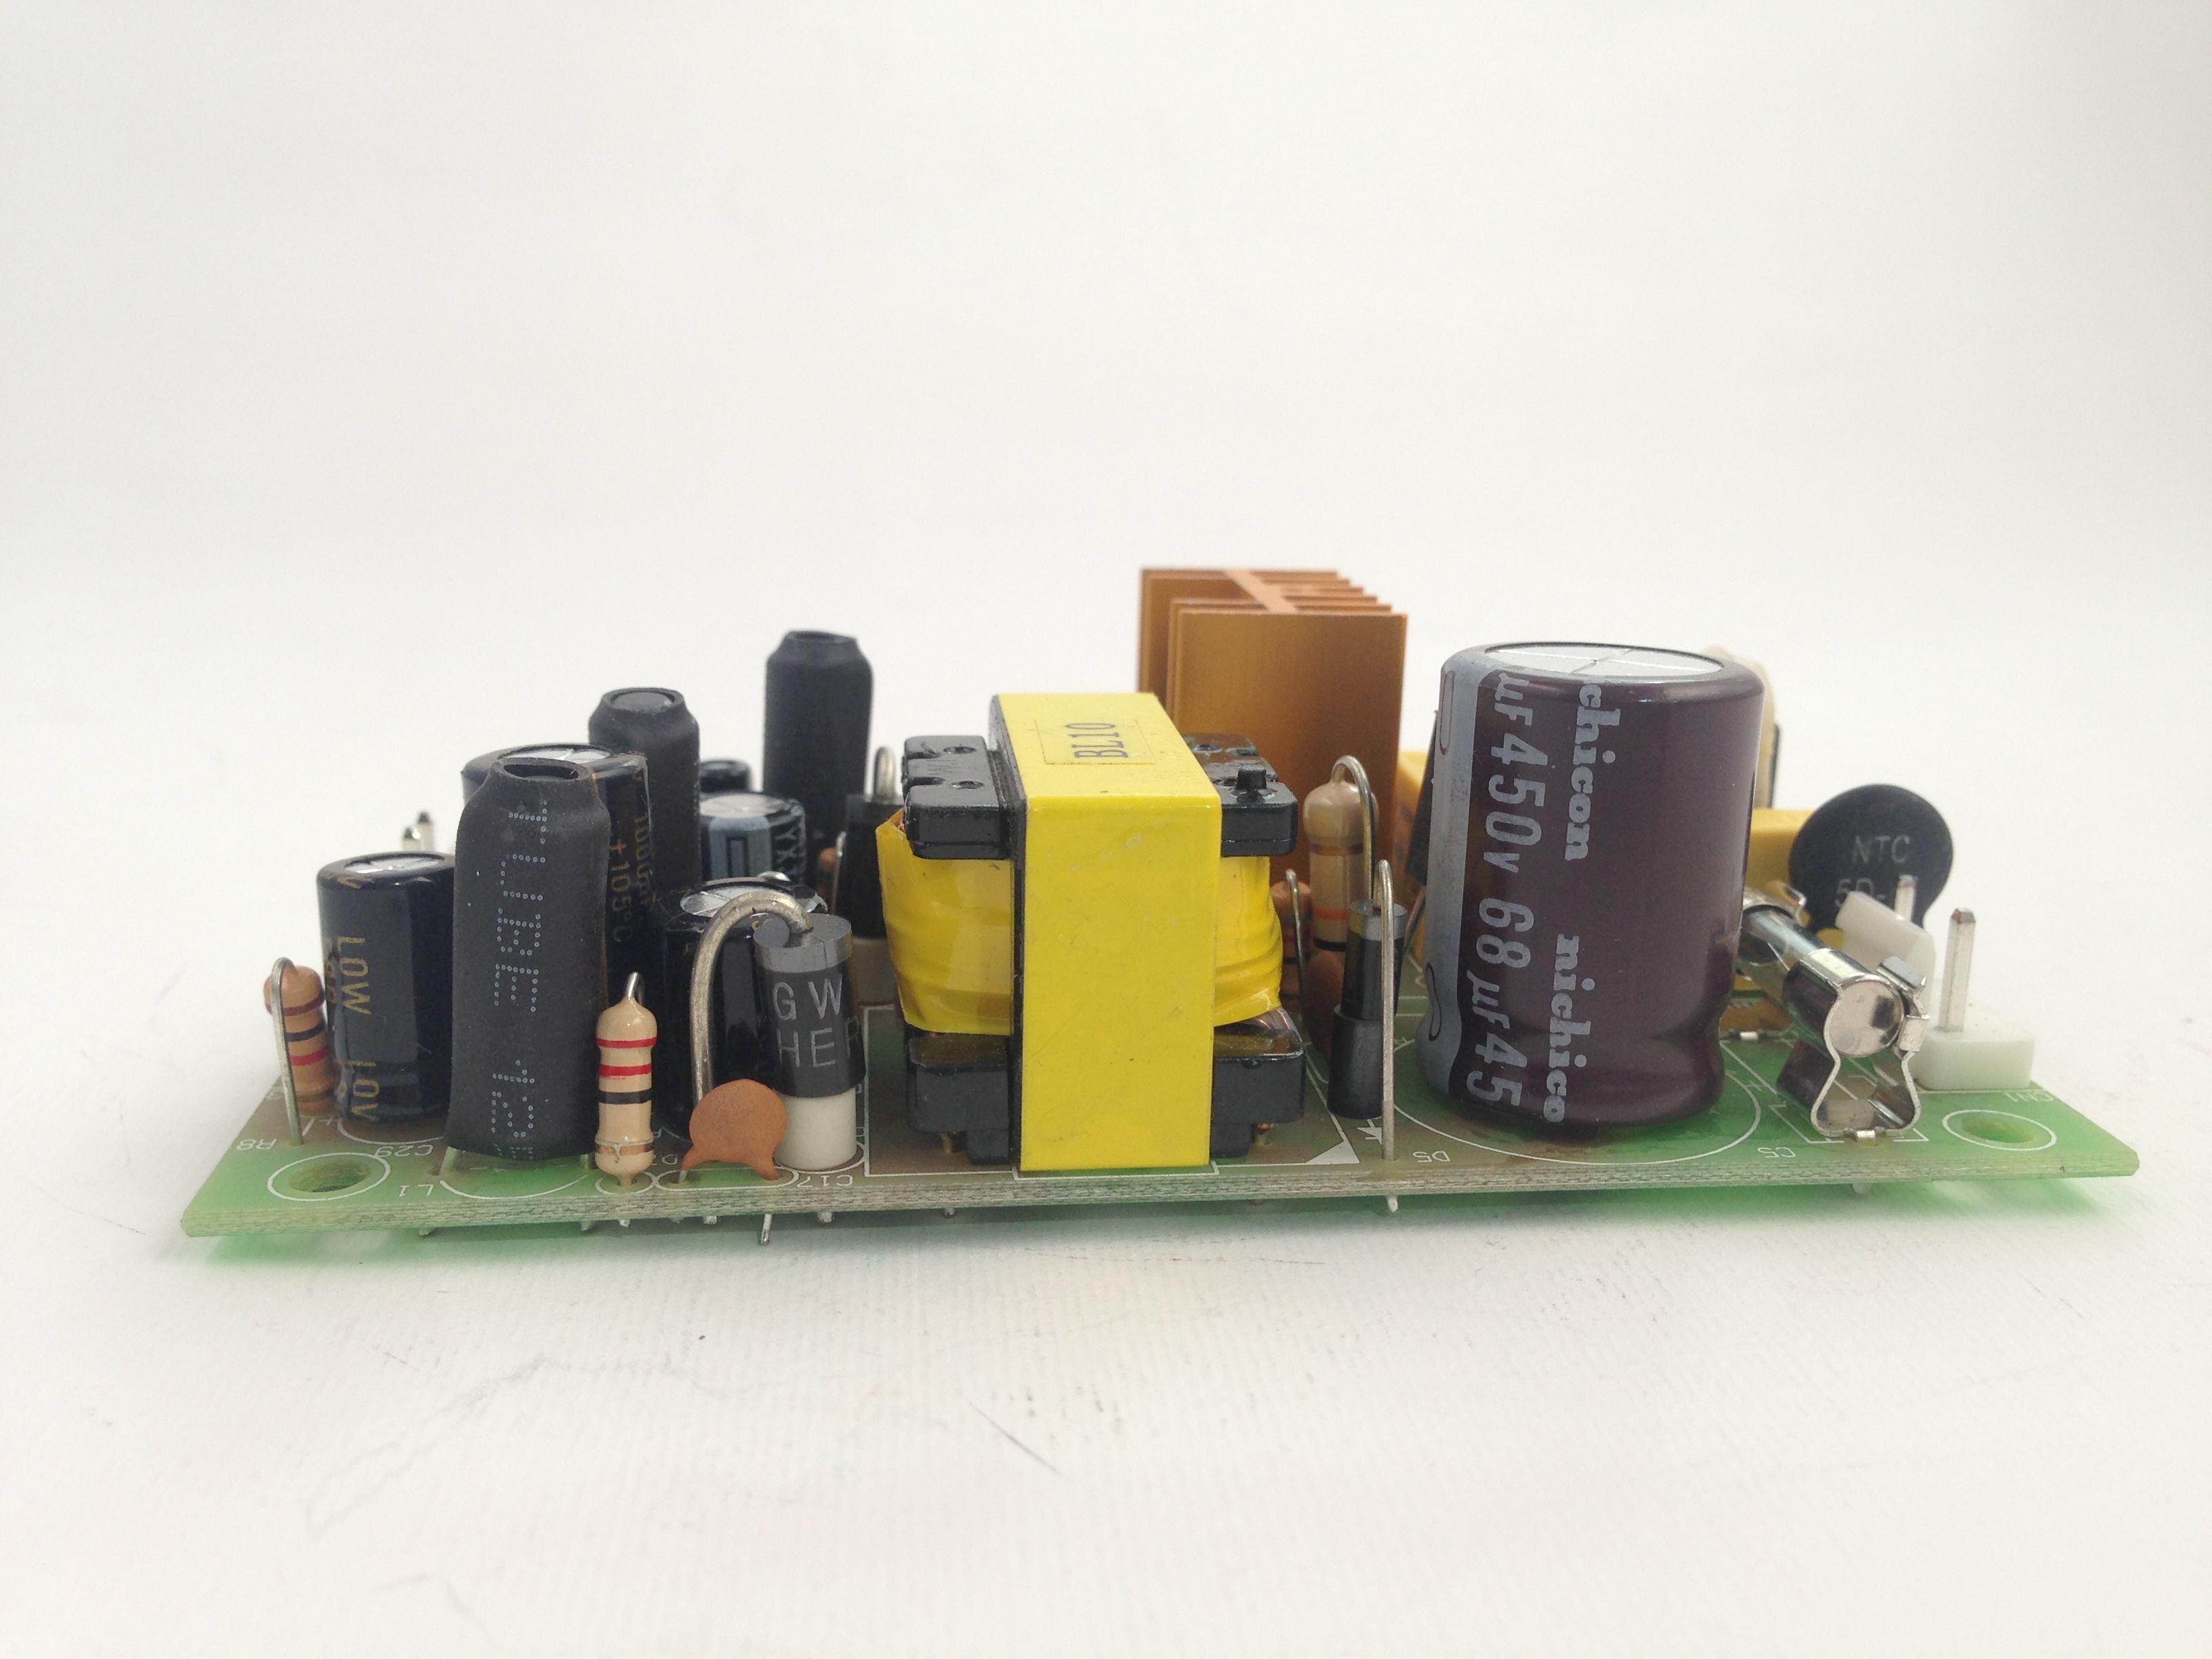 Articoli per lilluminotecnica e impianti audio amlux s.r.l